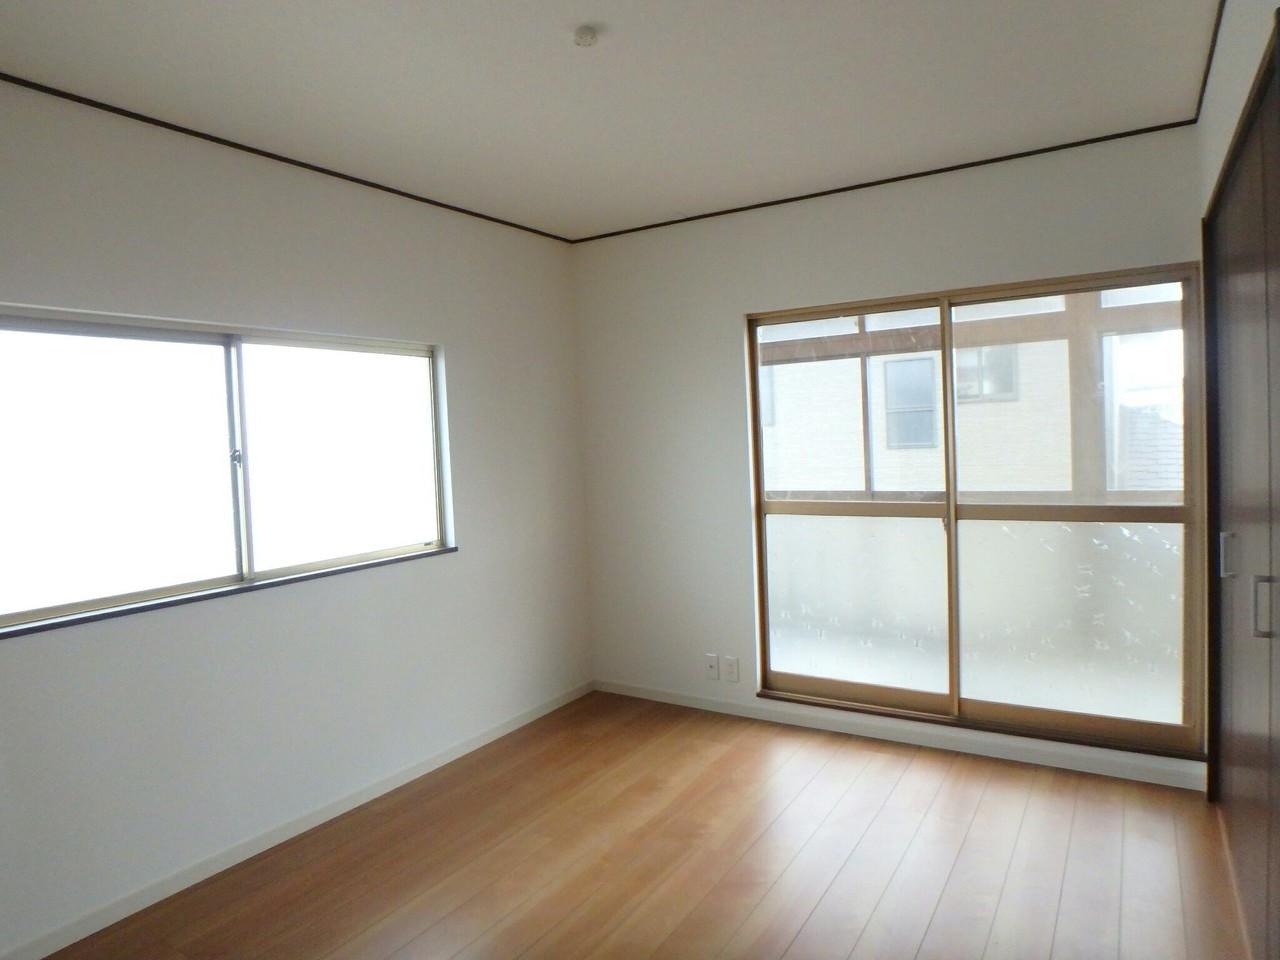 二階の洋室です。二面採光なので明るく暖かいです。